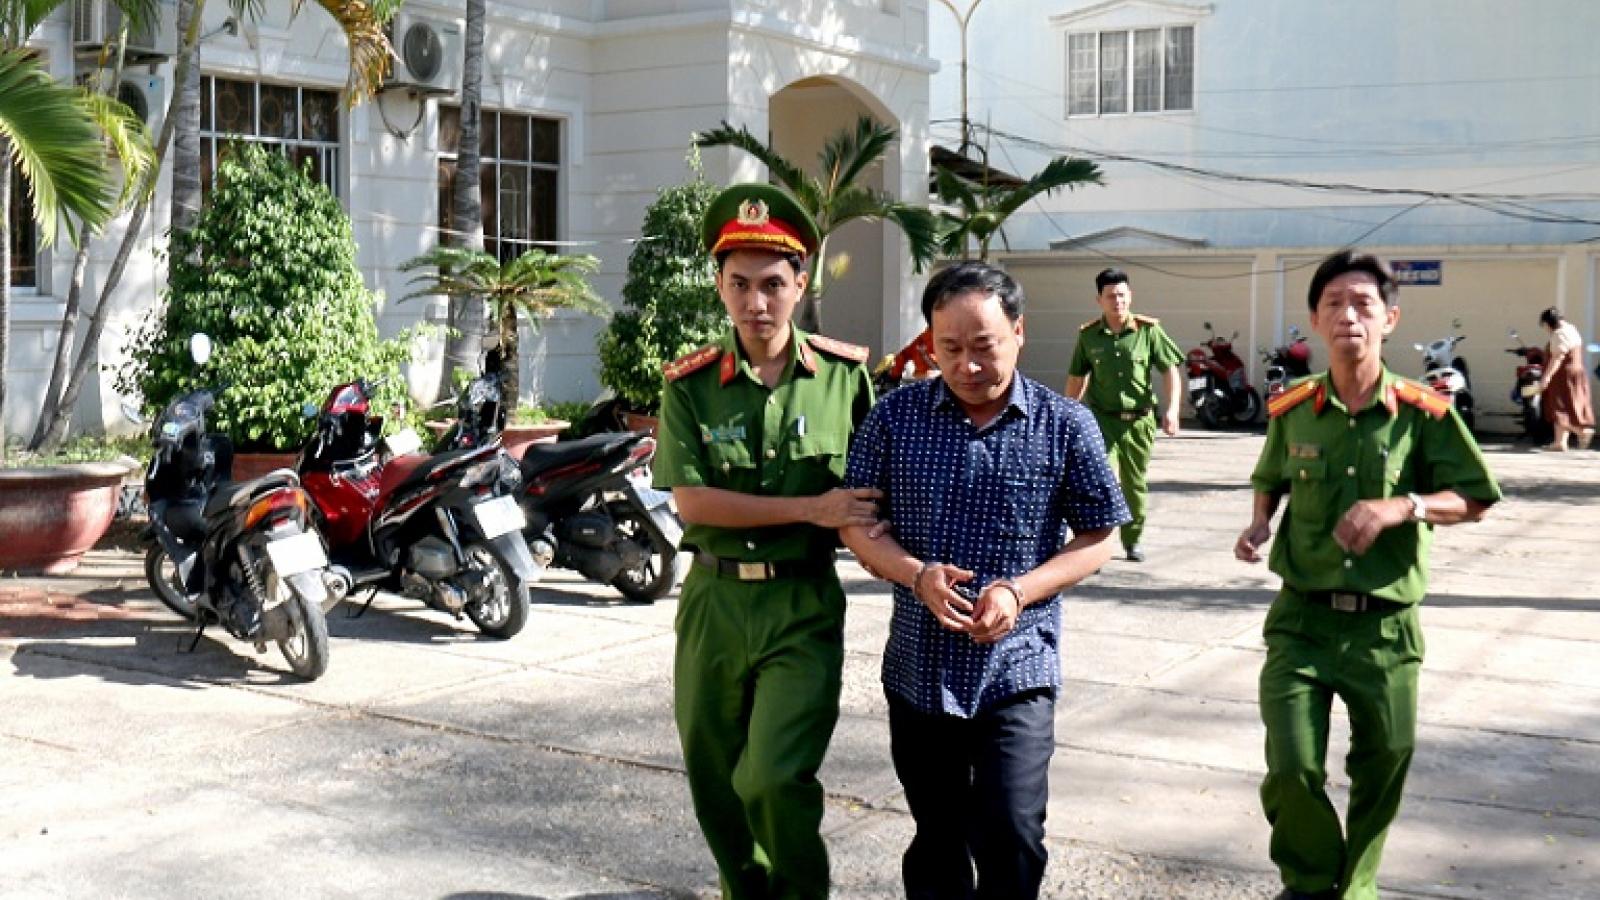 Truy tố 10 cựucán bộ ở Phan Thiết vi phạm liên quan đất đai